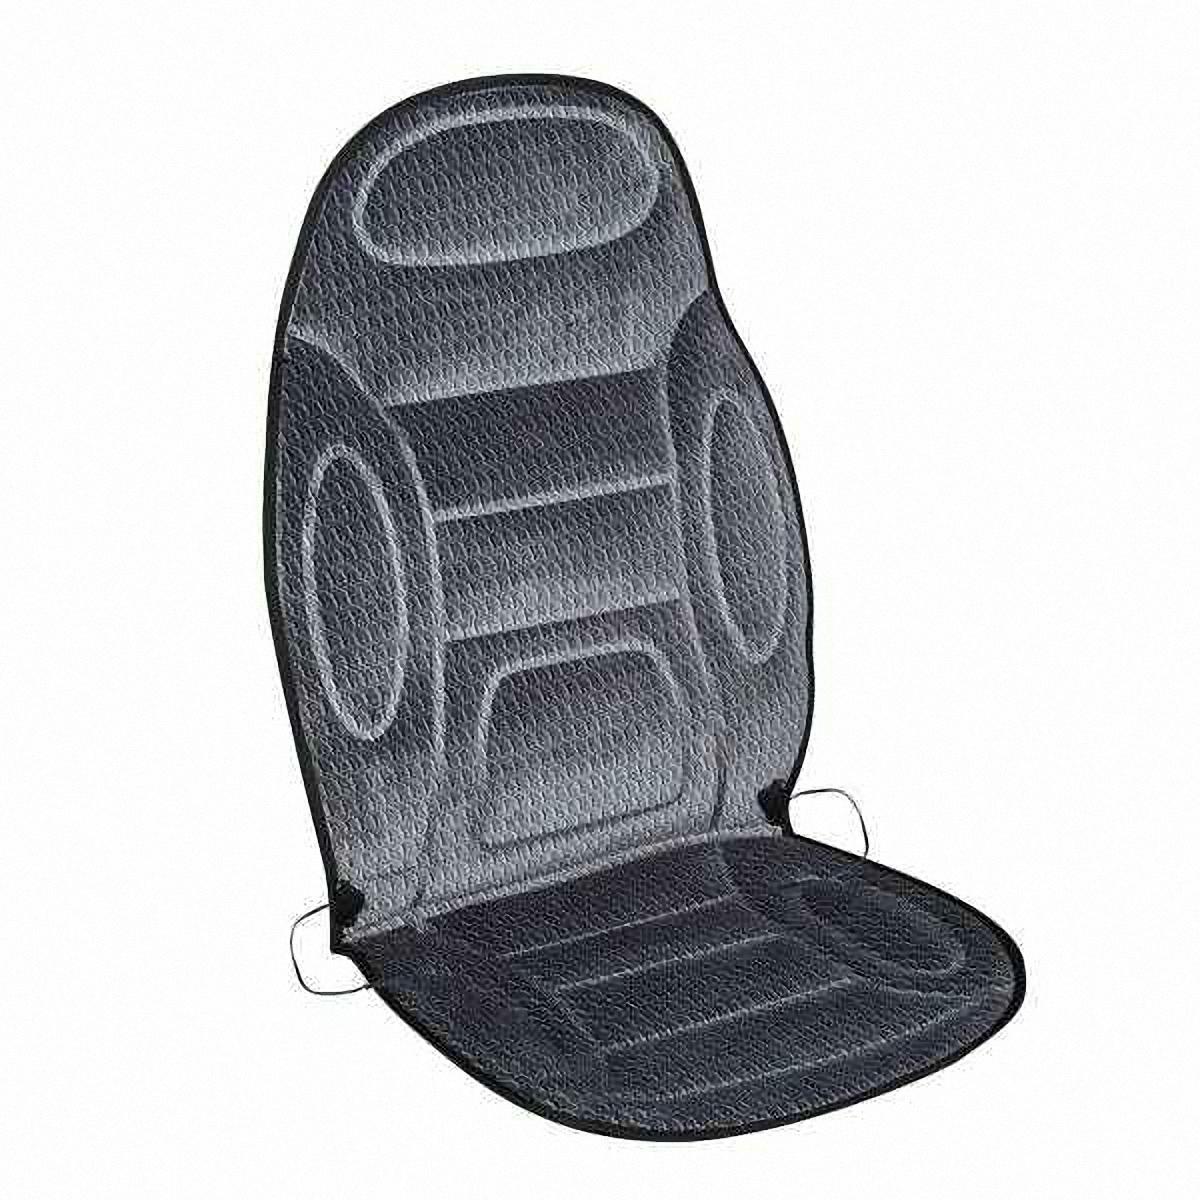 Подогрев для сиденья Skyway, со спинкой, 120 х 51 смS02201017В подогреве для сиденья Skyway в качестве теплоносителя применяется углеродный материал. Такой нагреватель обладает феноменальной гибкостью и прочностью на разрыв в отличие от аналогов, изготовленных из медного или иного металлического провода.Особенности:- Универсальный размер.- Снижает усталость при управлении автомобилем.- Обеспечивает комфортное вождение в холодное время года.- Простая и быстрая установка.- Умеренный и интенсивный режим нагрева.- Терморегулятор для изменения интенсивности нагрева.- Защита крепления шнура питания к подогреву.Устройство подключается к прикуривателю на 12V.